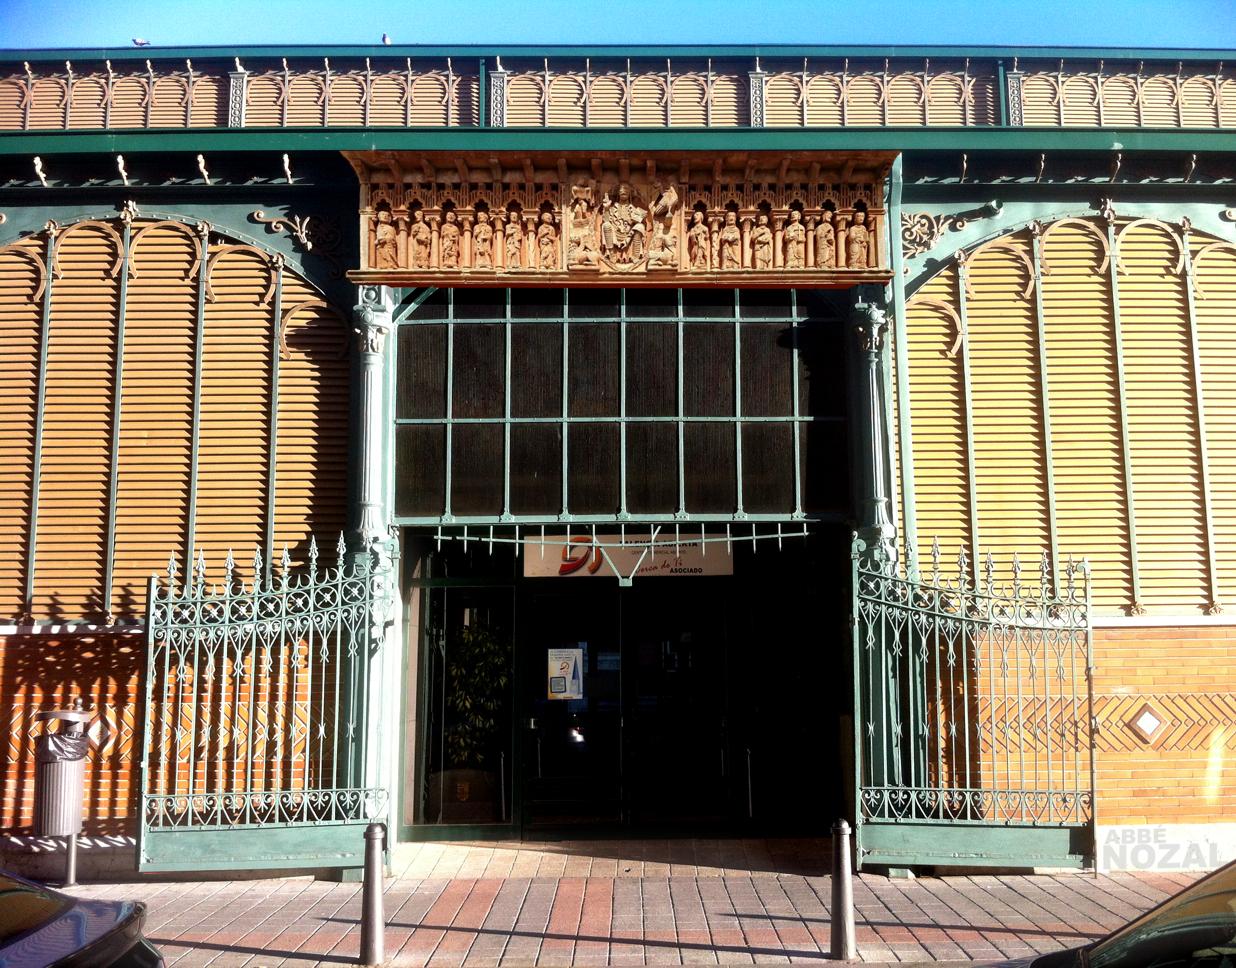 Plaza de Abastos de Palencia Moarves, 2015 Abbé Nozal